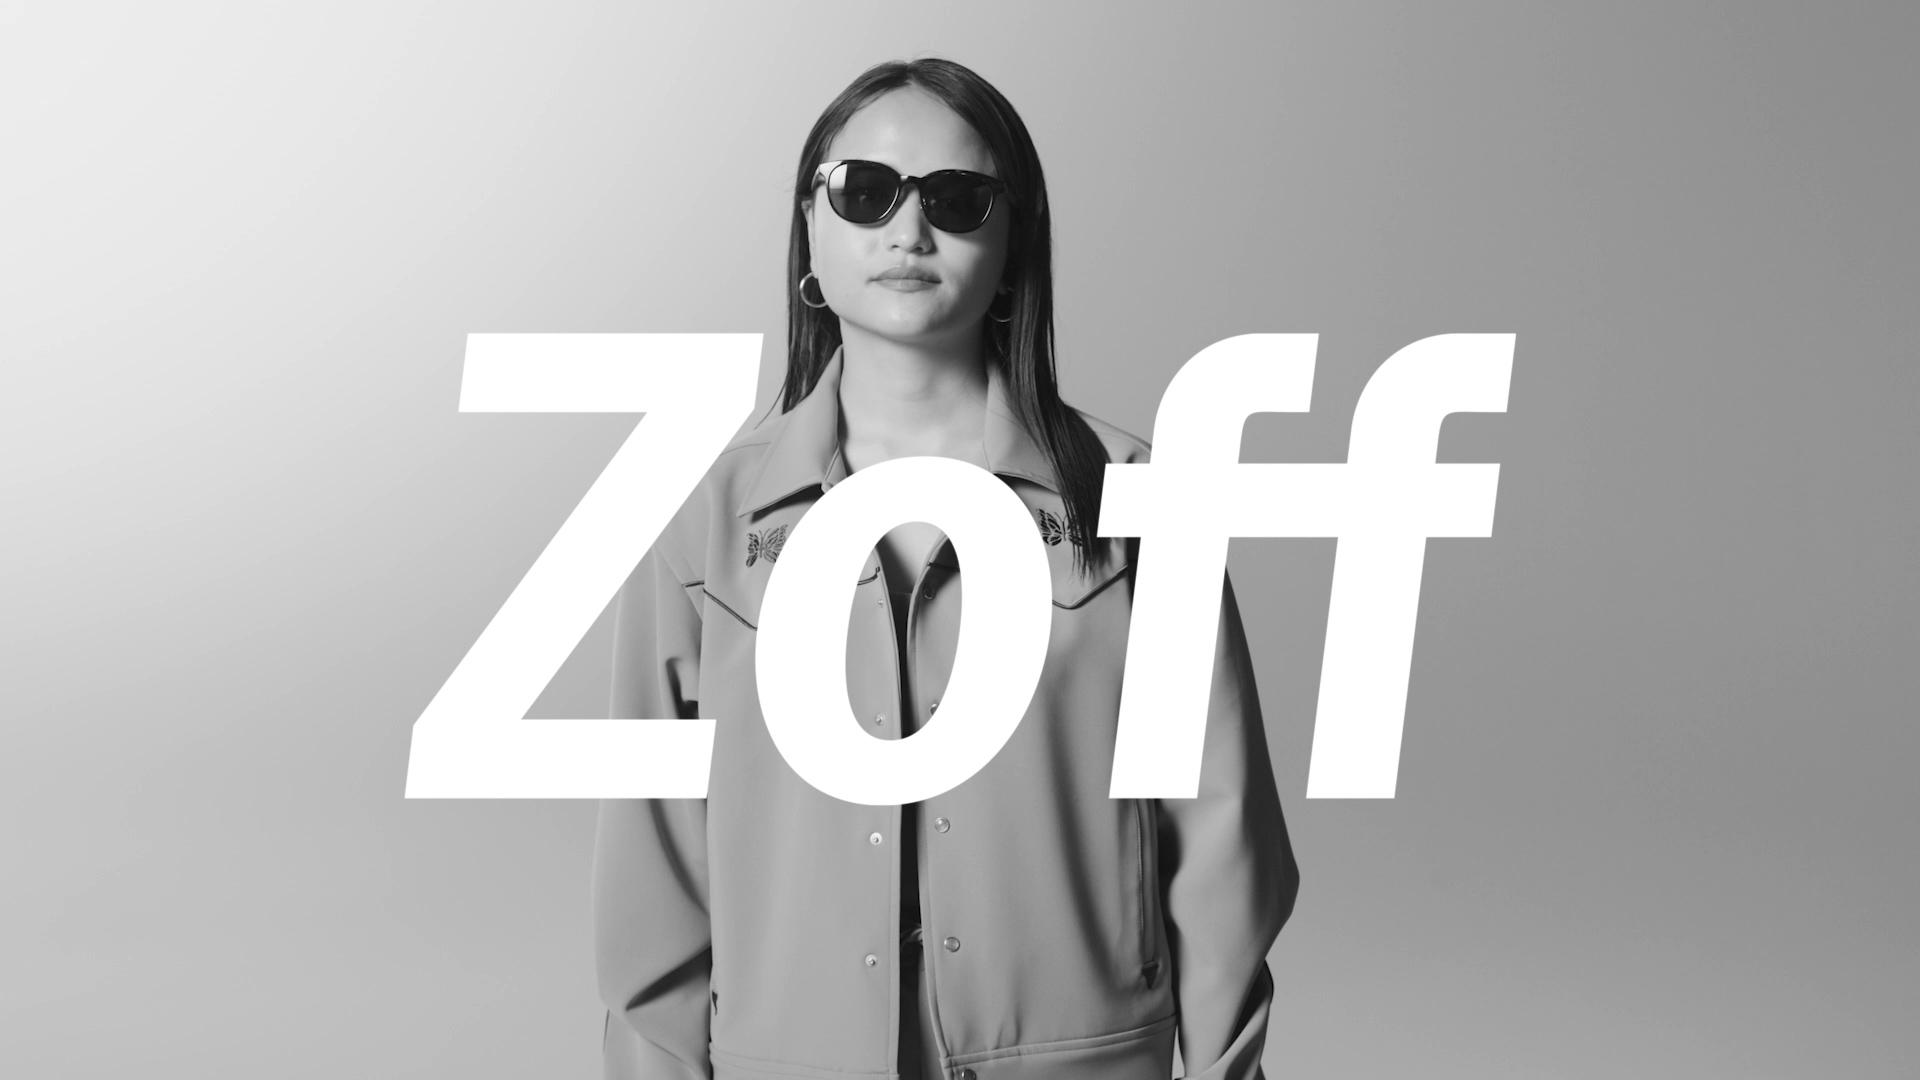 Zoff NIGHT & DAY